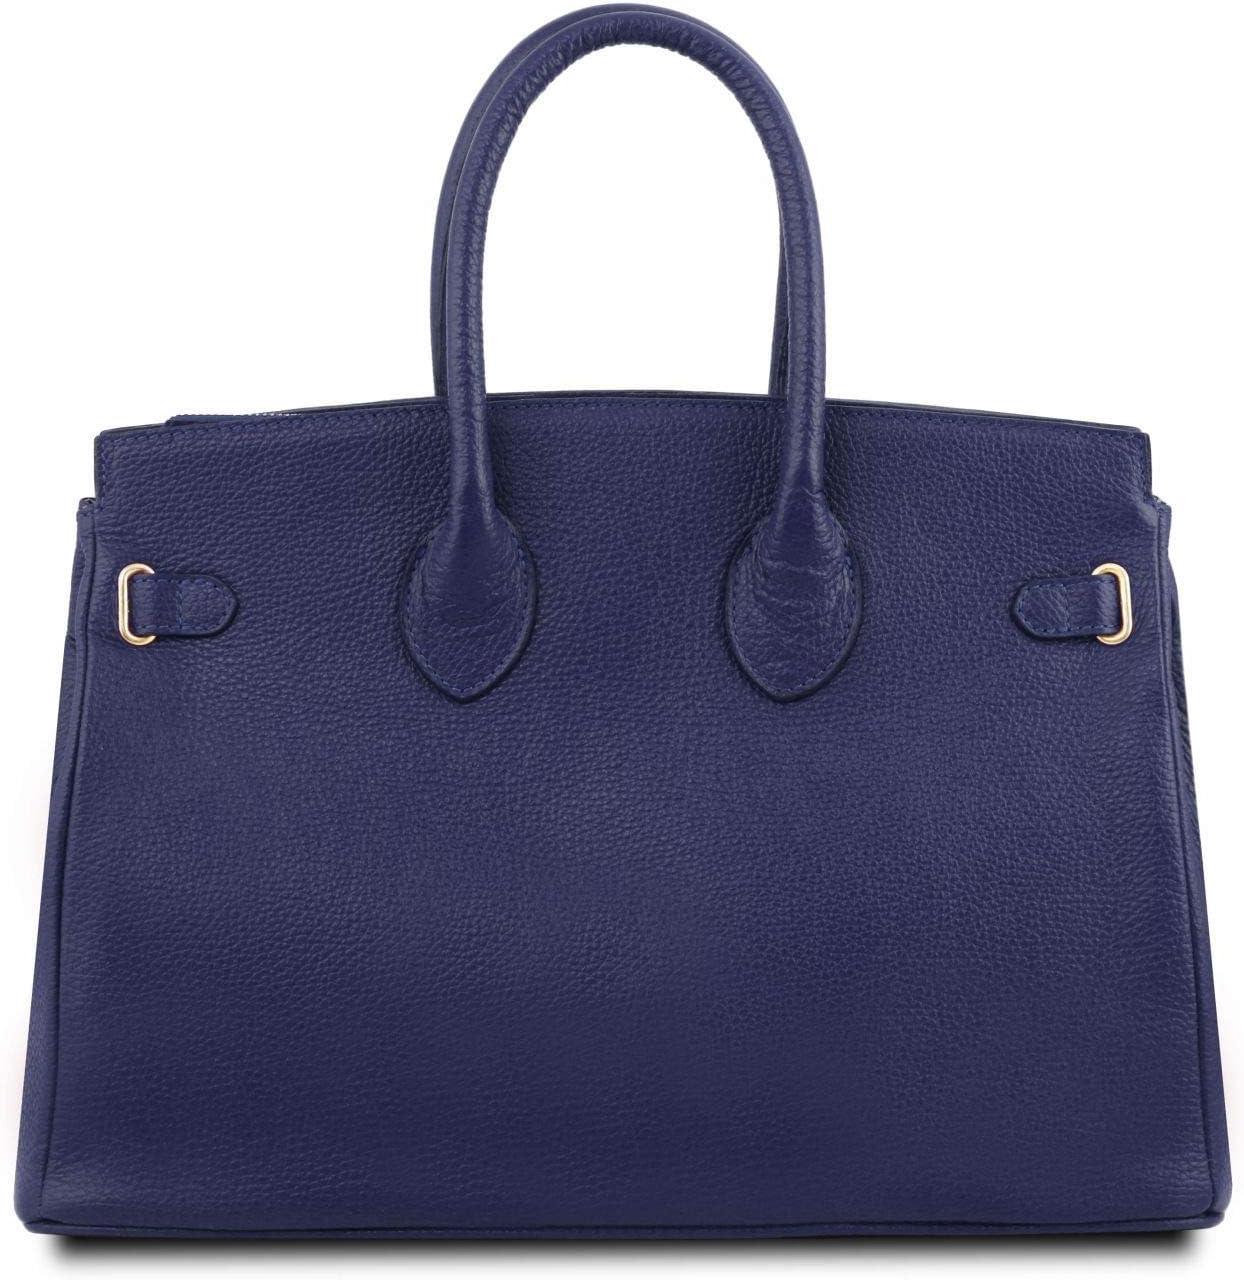 Tuscany Leather TLBag Sac /à Main pour Femme avec Finitions Couleur Or Bleu fonc/é